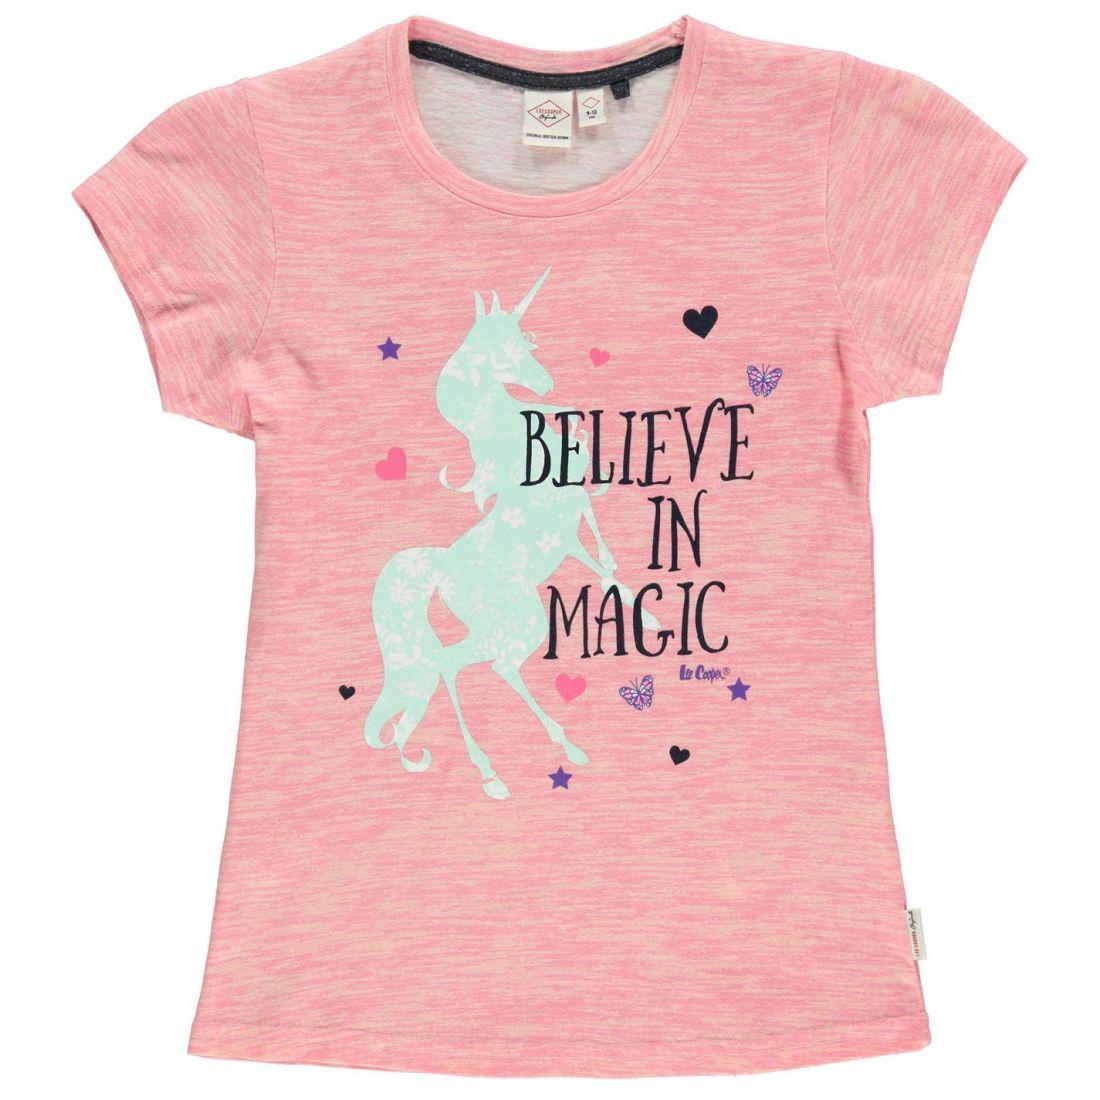 9213605f Lee Cooper Kids Girls Textured AOP T Shirt Junior Crew Neck Tee Top Short  Sleeve 7 7 sur 8 ...